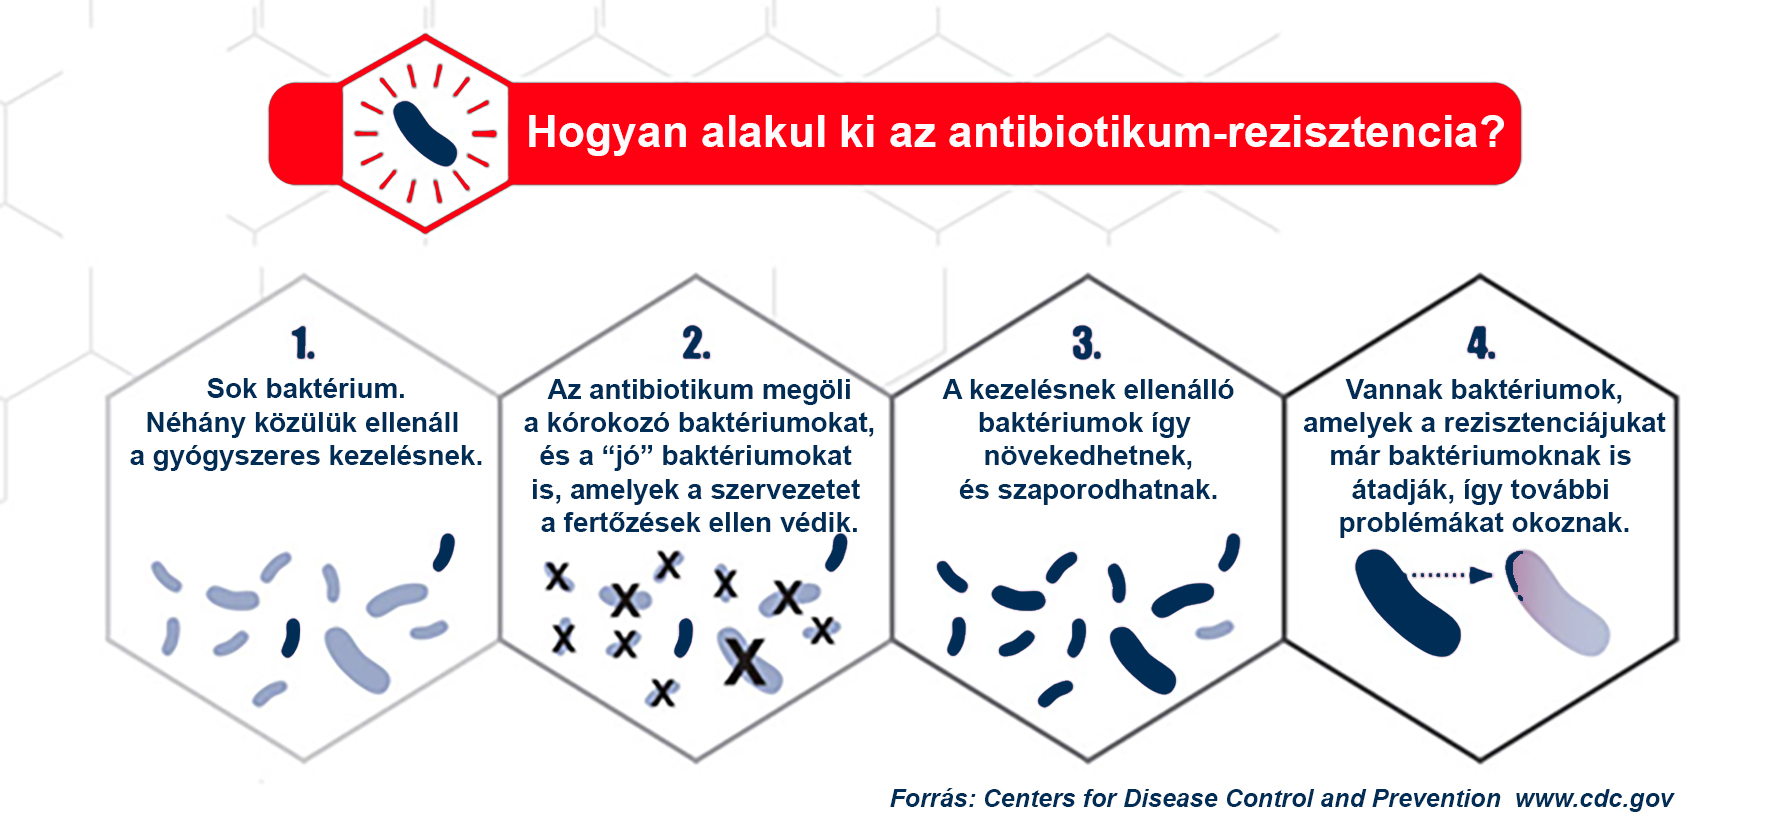 antibiotikumokkal szemben rezisztens baktériumok